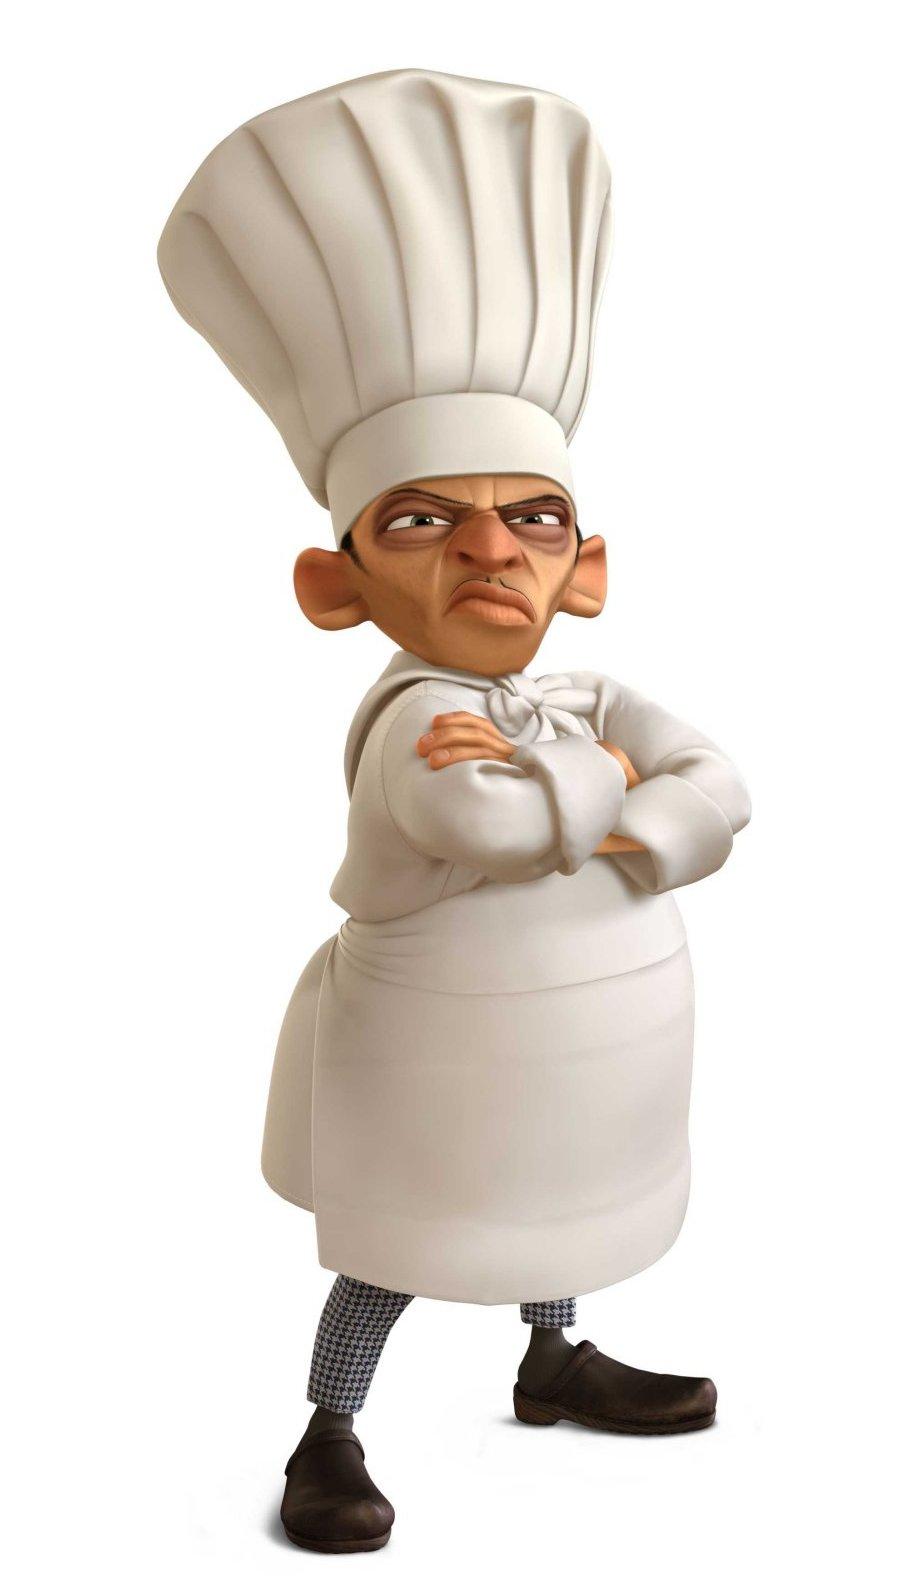 Cual es la importancia del uso correcto del uniforme de for Elementos de cocina para chef